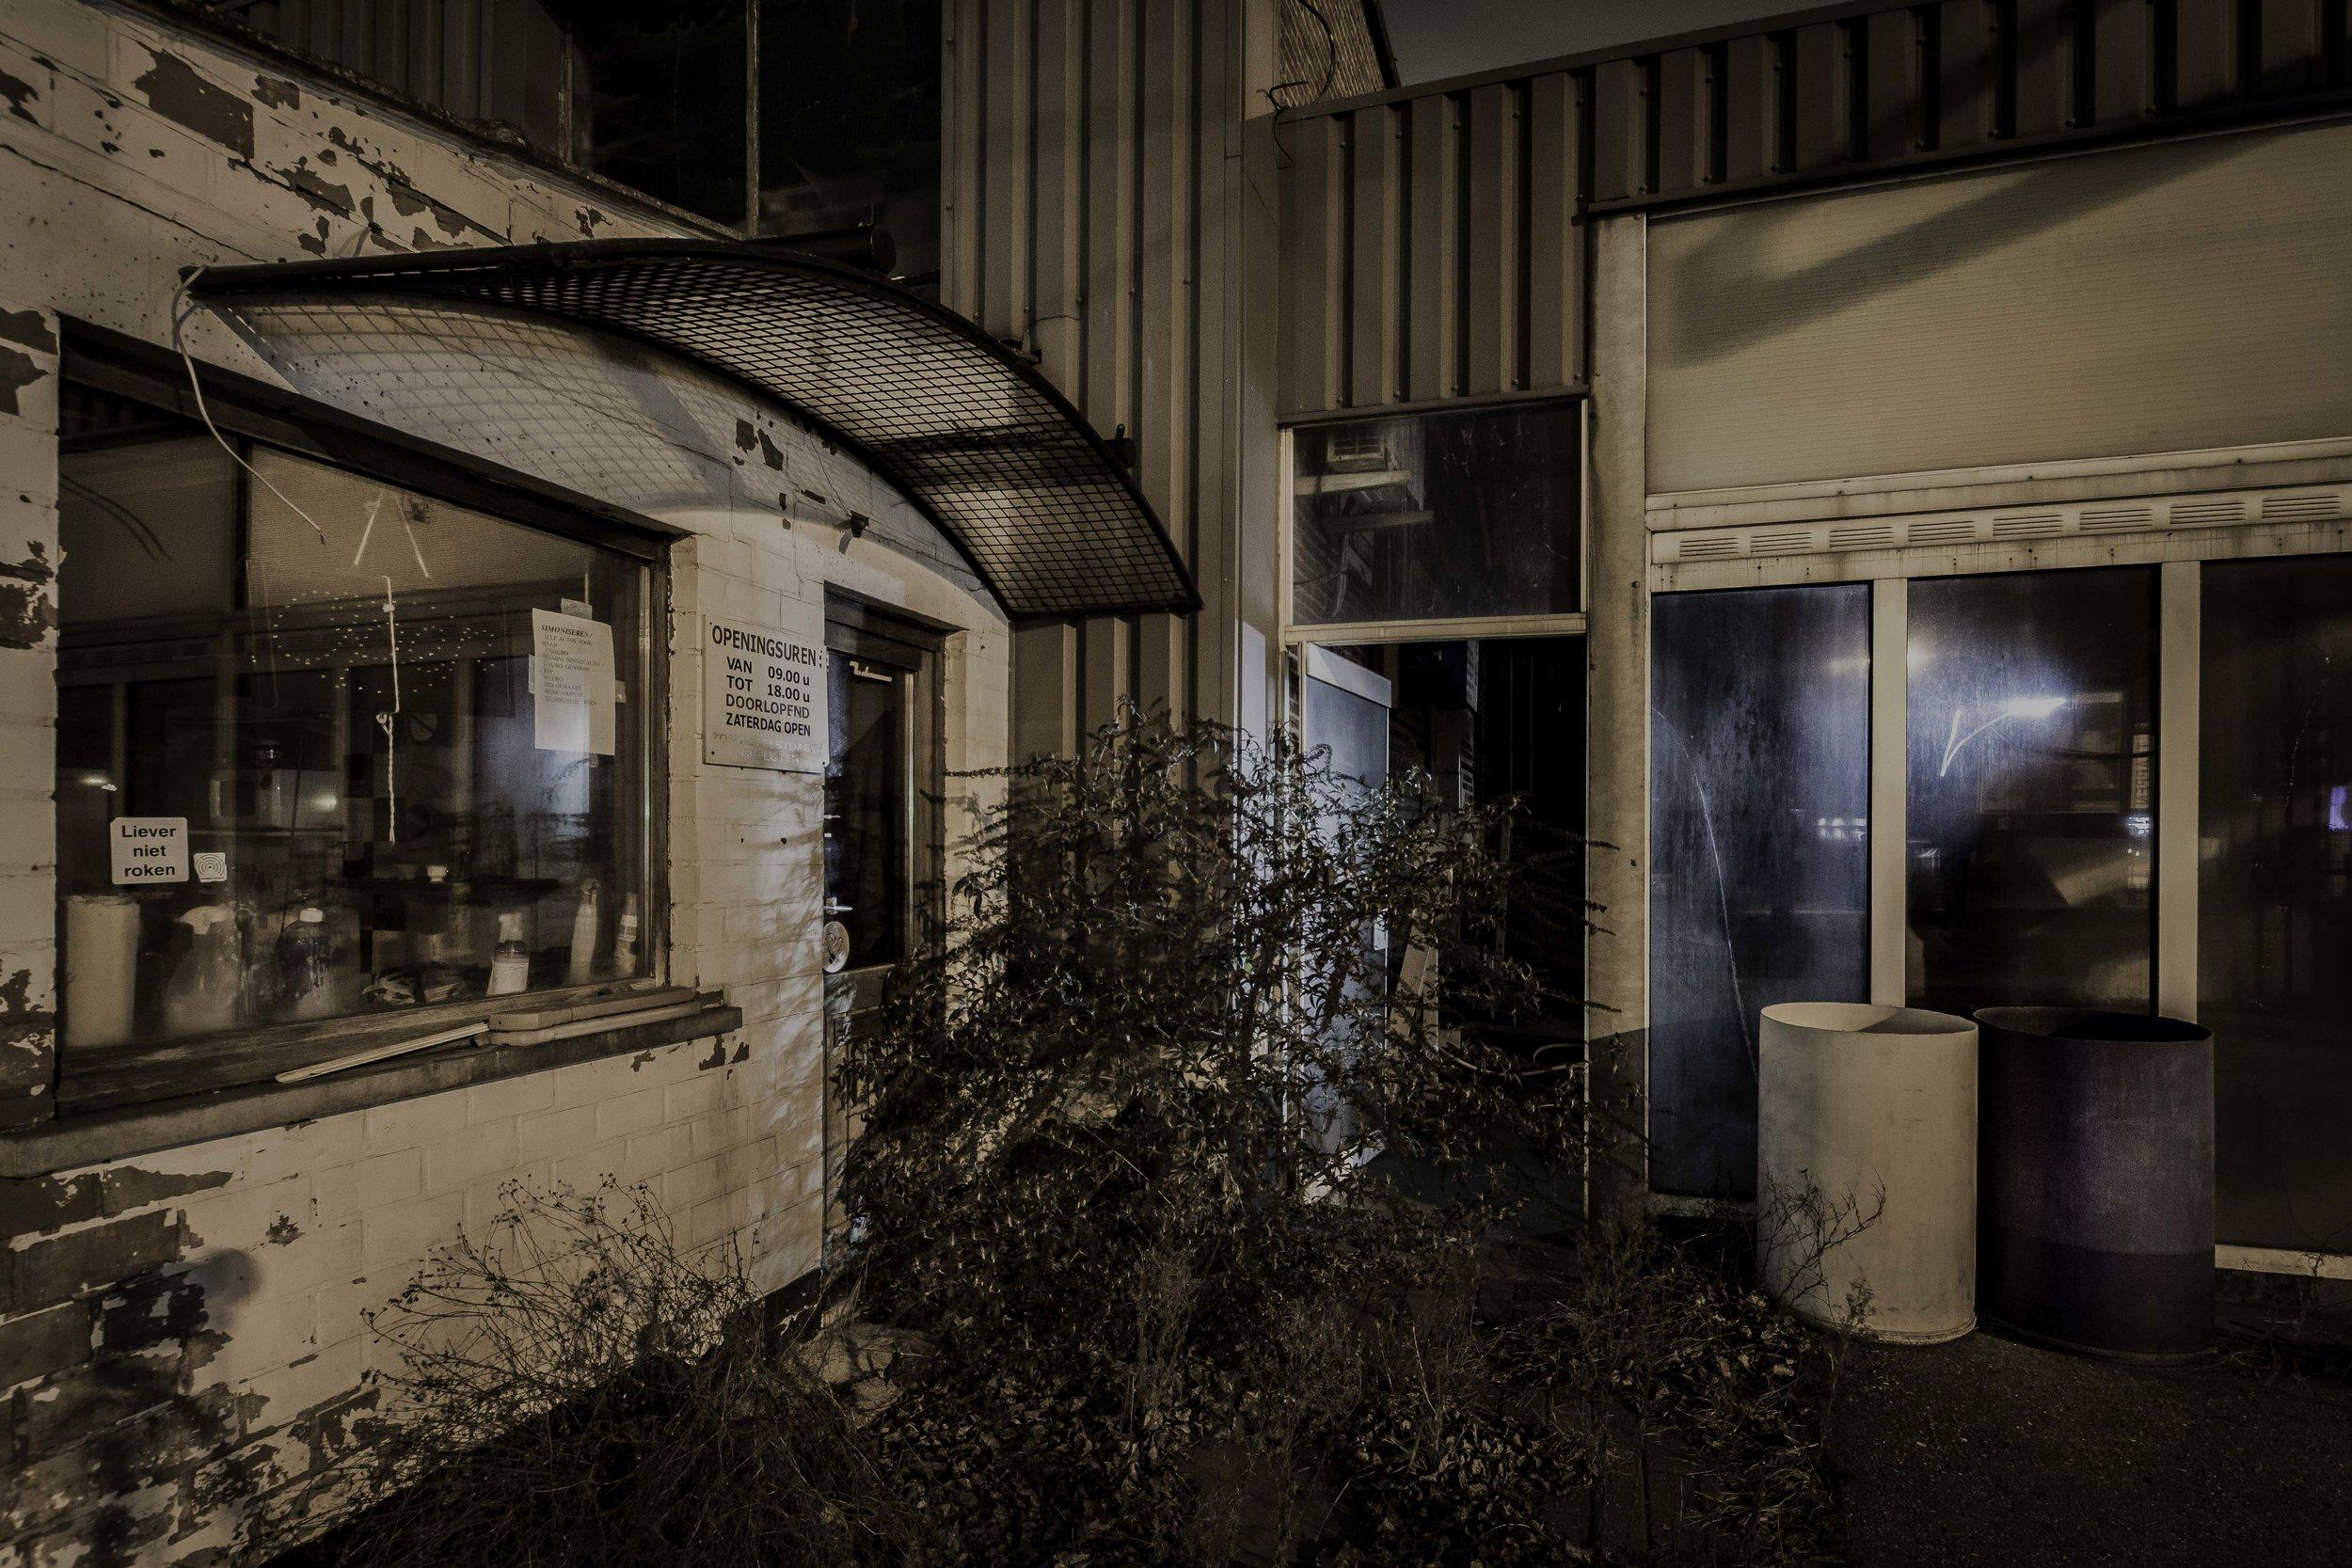 viewfinder-creativeboody-sven-van-santvliet-urbexfotografie-antwerpen-nachtfotografie-avondfotografie-verlaten-gebouwen-2